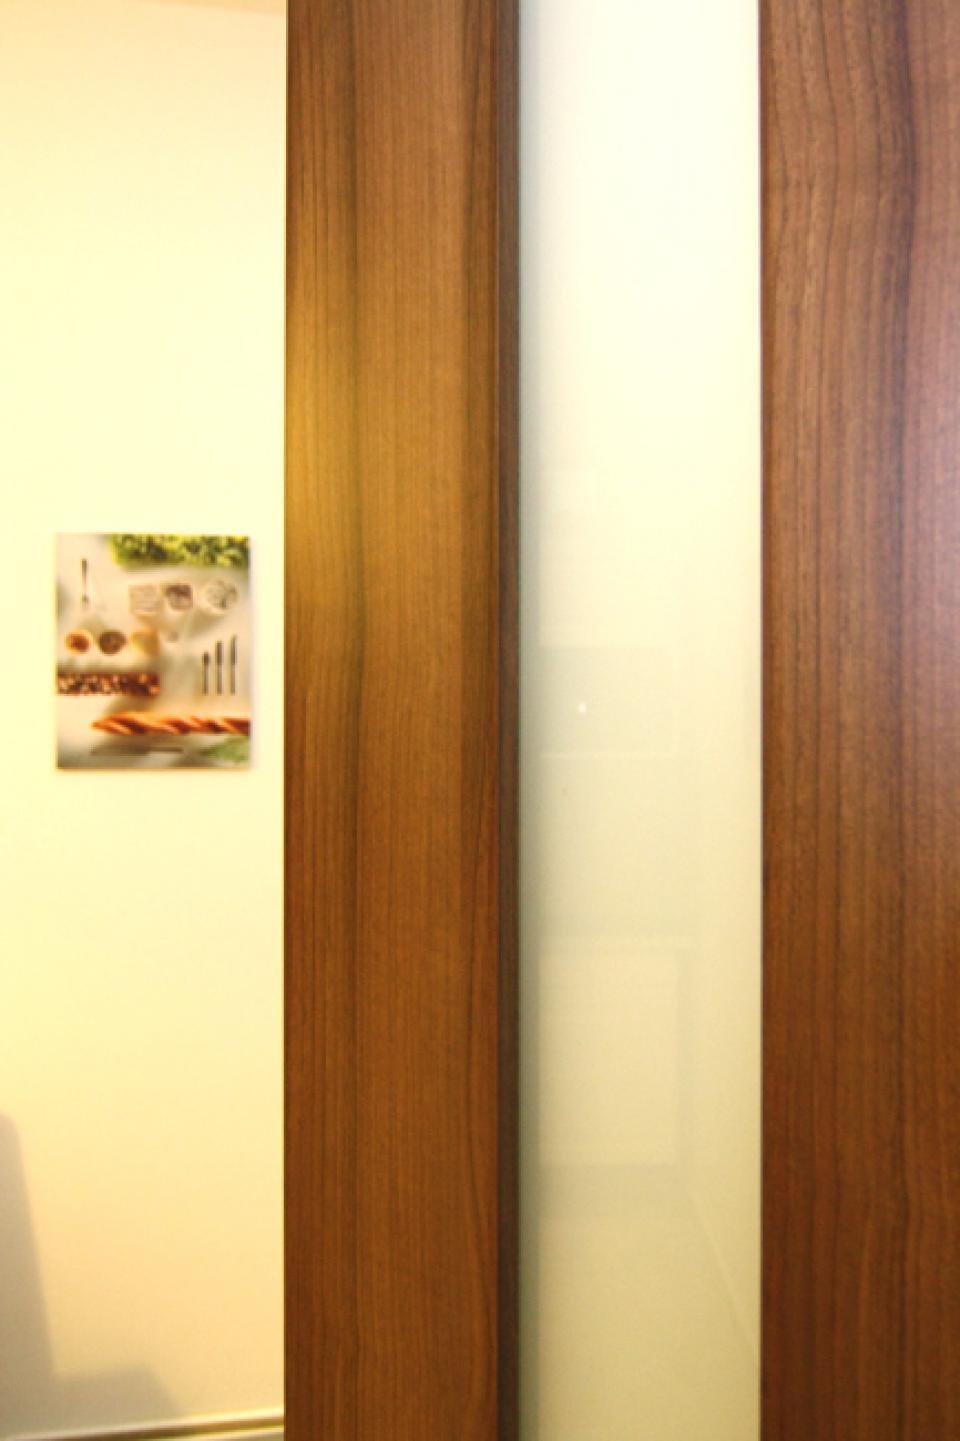 Rengeteg Saint-Quentin és Gulf beltéri ajtó az Interpress Magazin szerkesztőségében | Referencia - Ajtóház